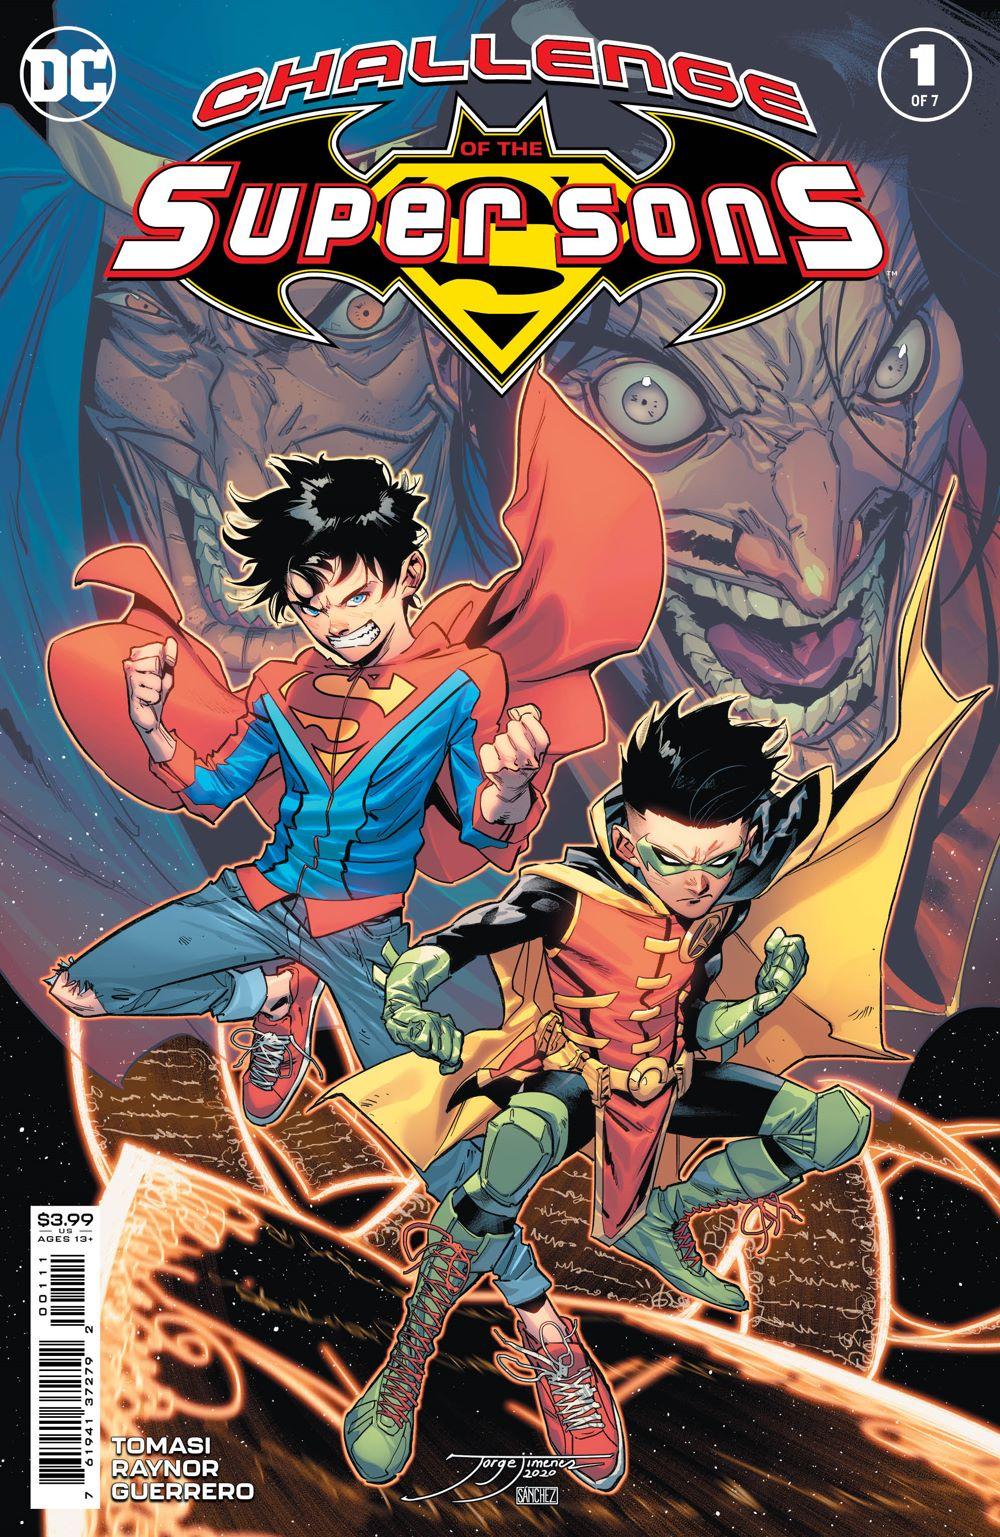 COTSuperSons_Cv1 DC Comics April 2021 Solicitations